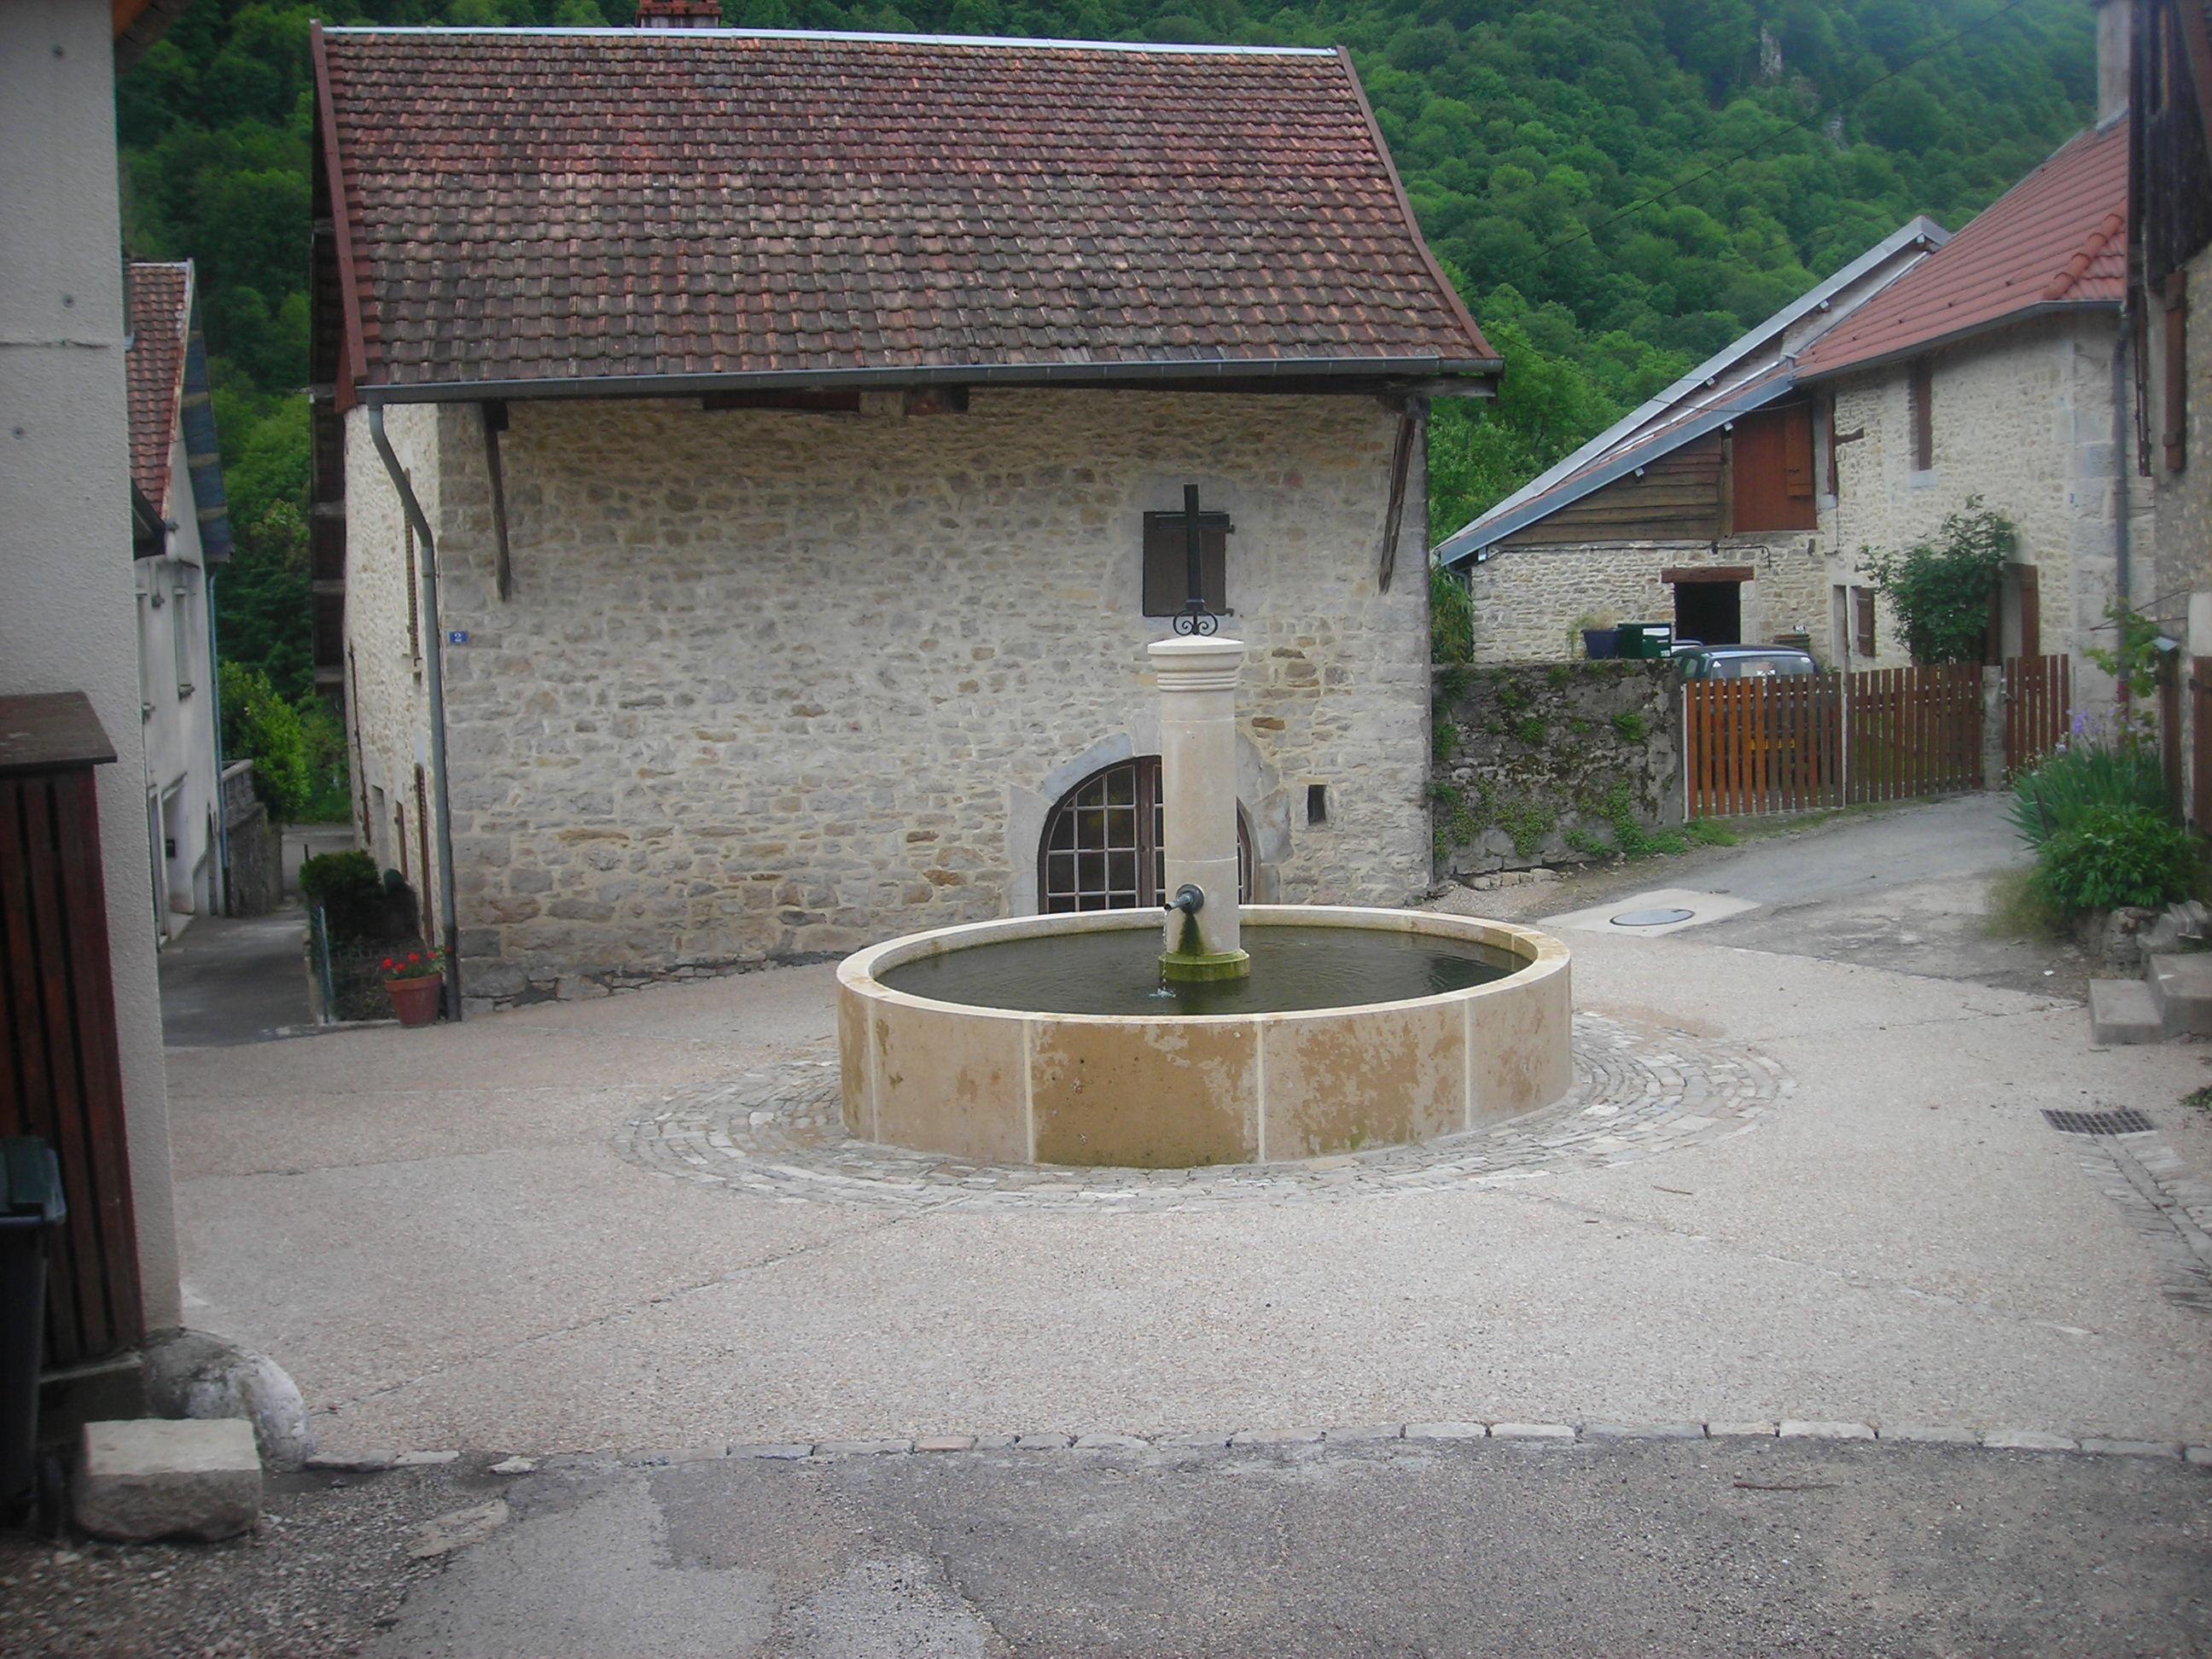 fontaine-en-2006-photo-1